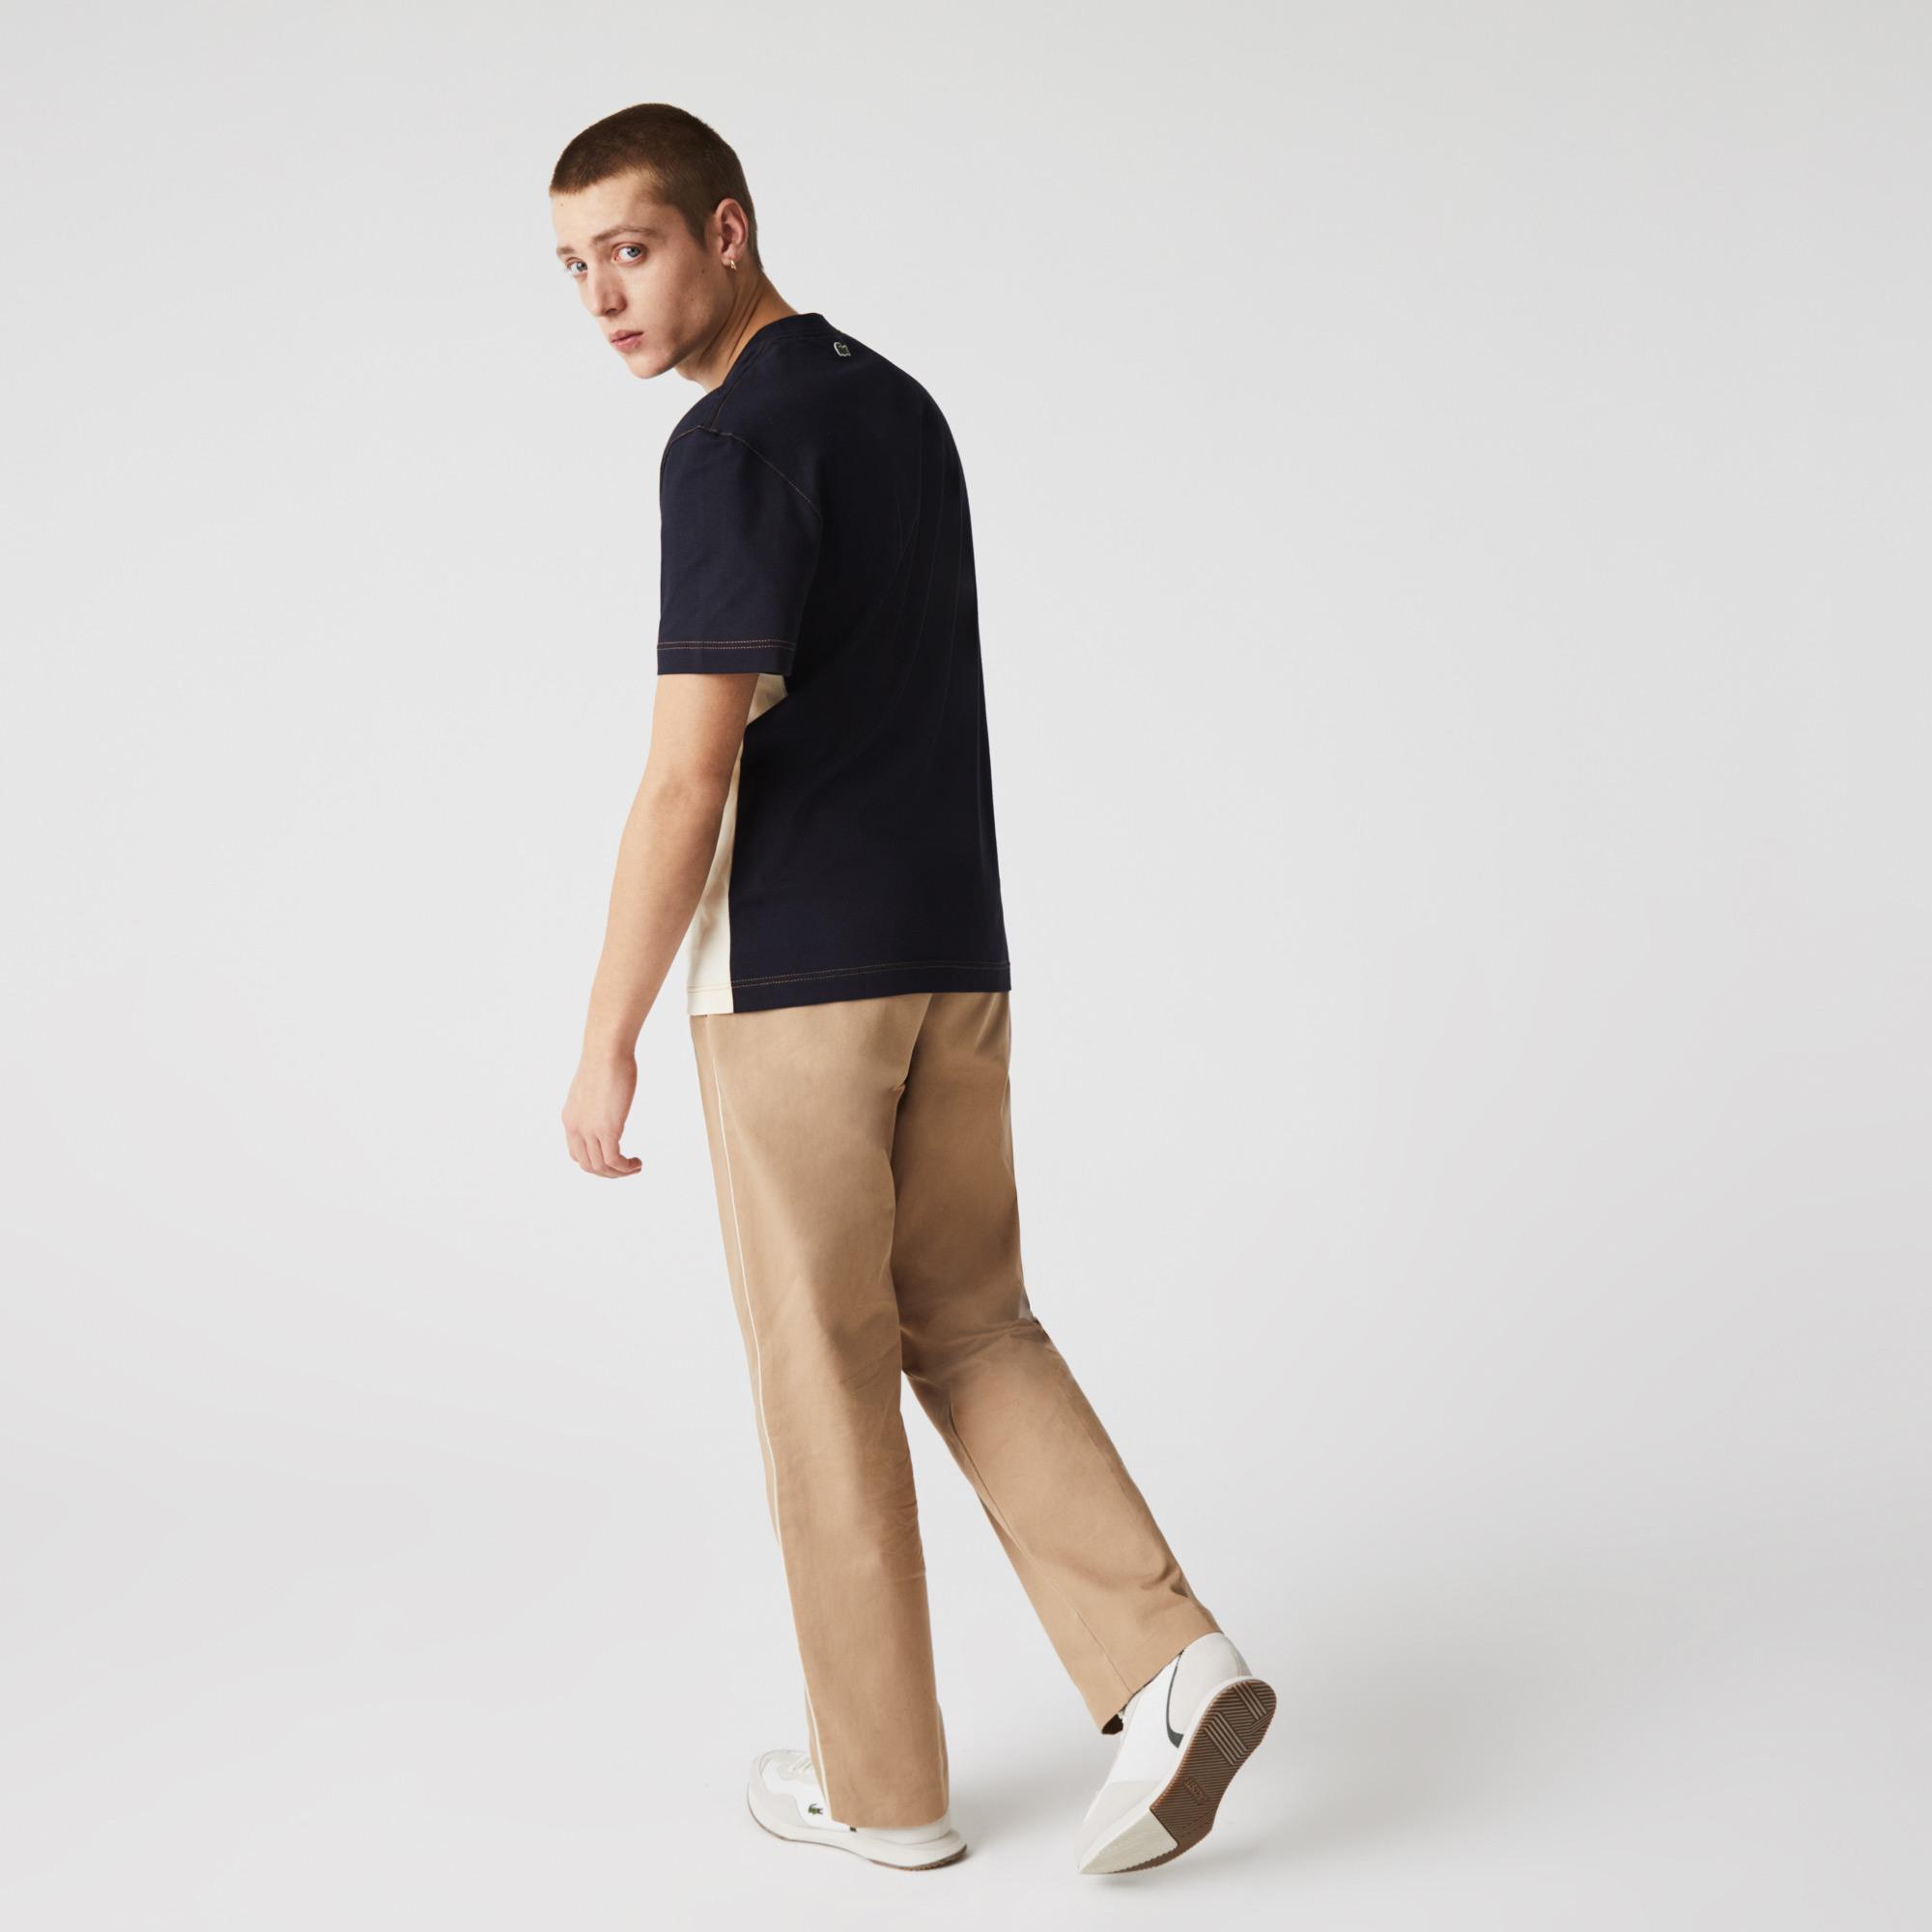 Lacoste Men's Crew Neck Lettered Colorblock Cotton T-shirt